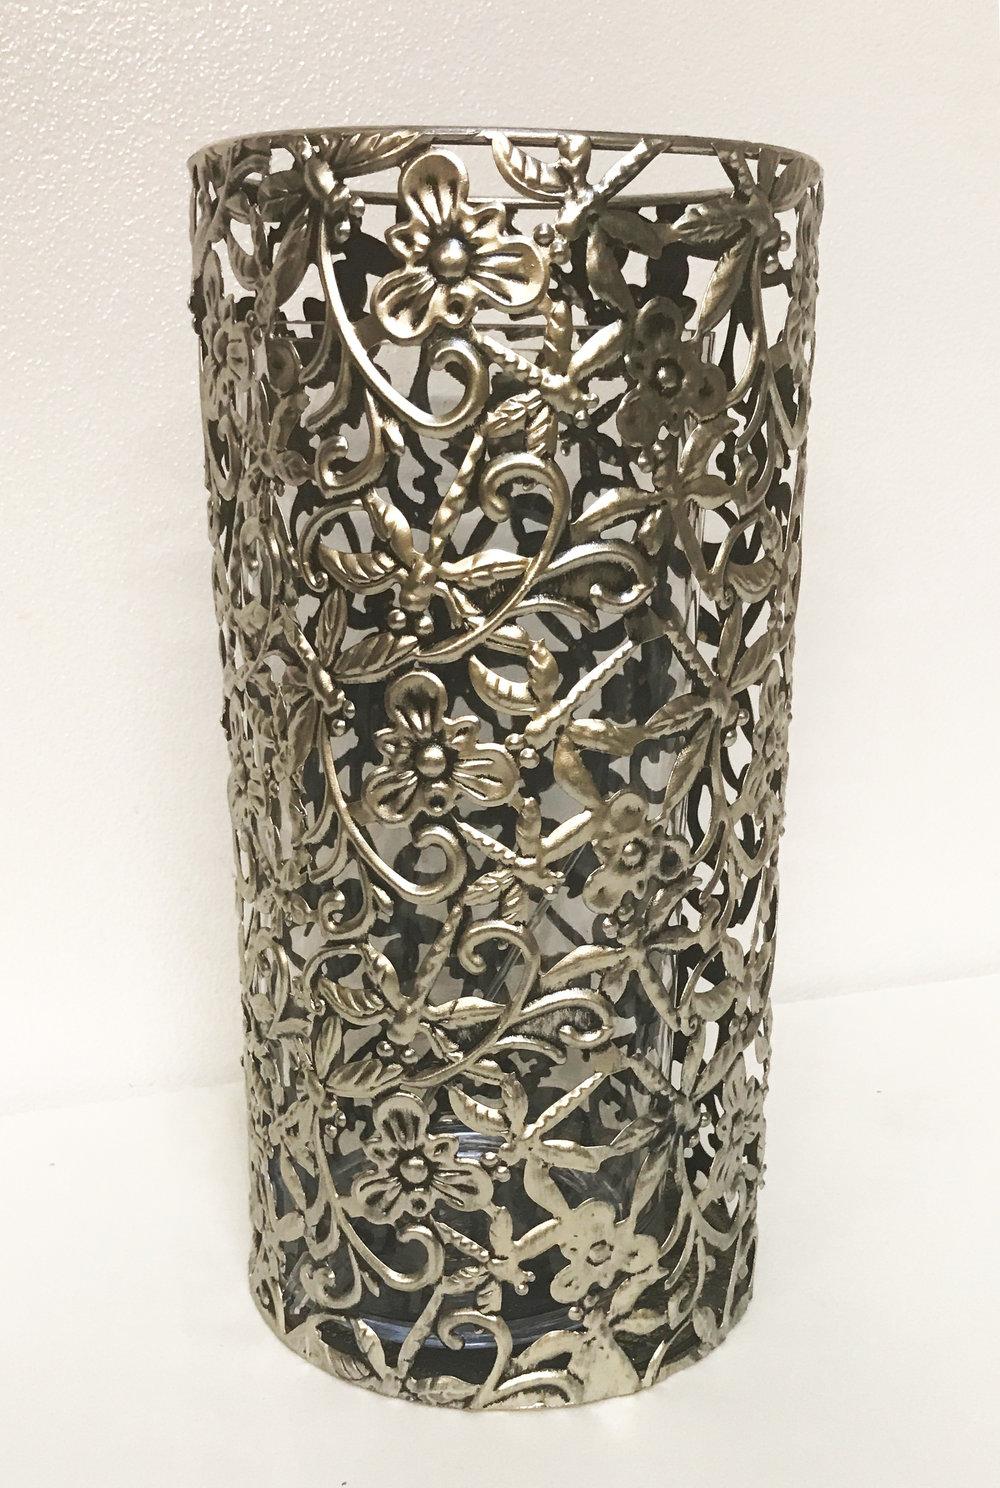 Silver Vintage Candle Holder